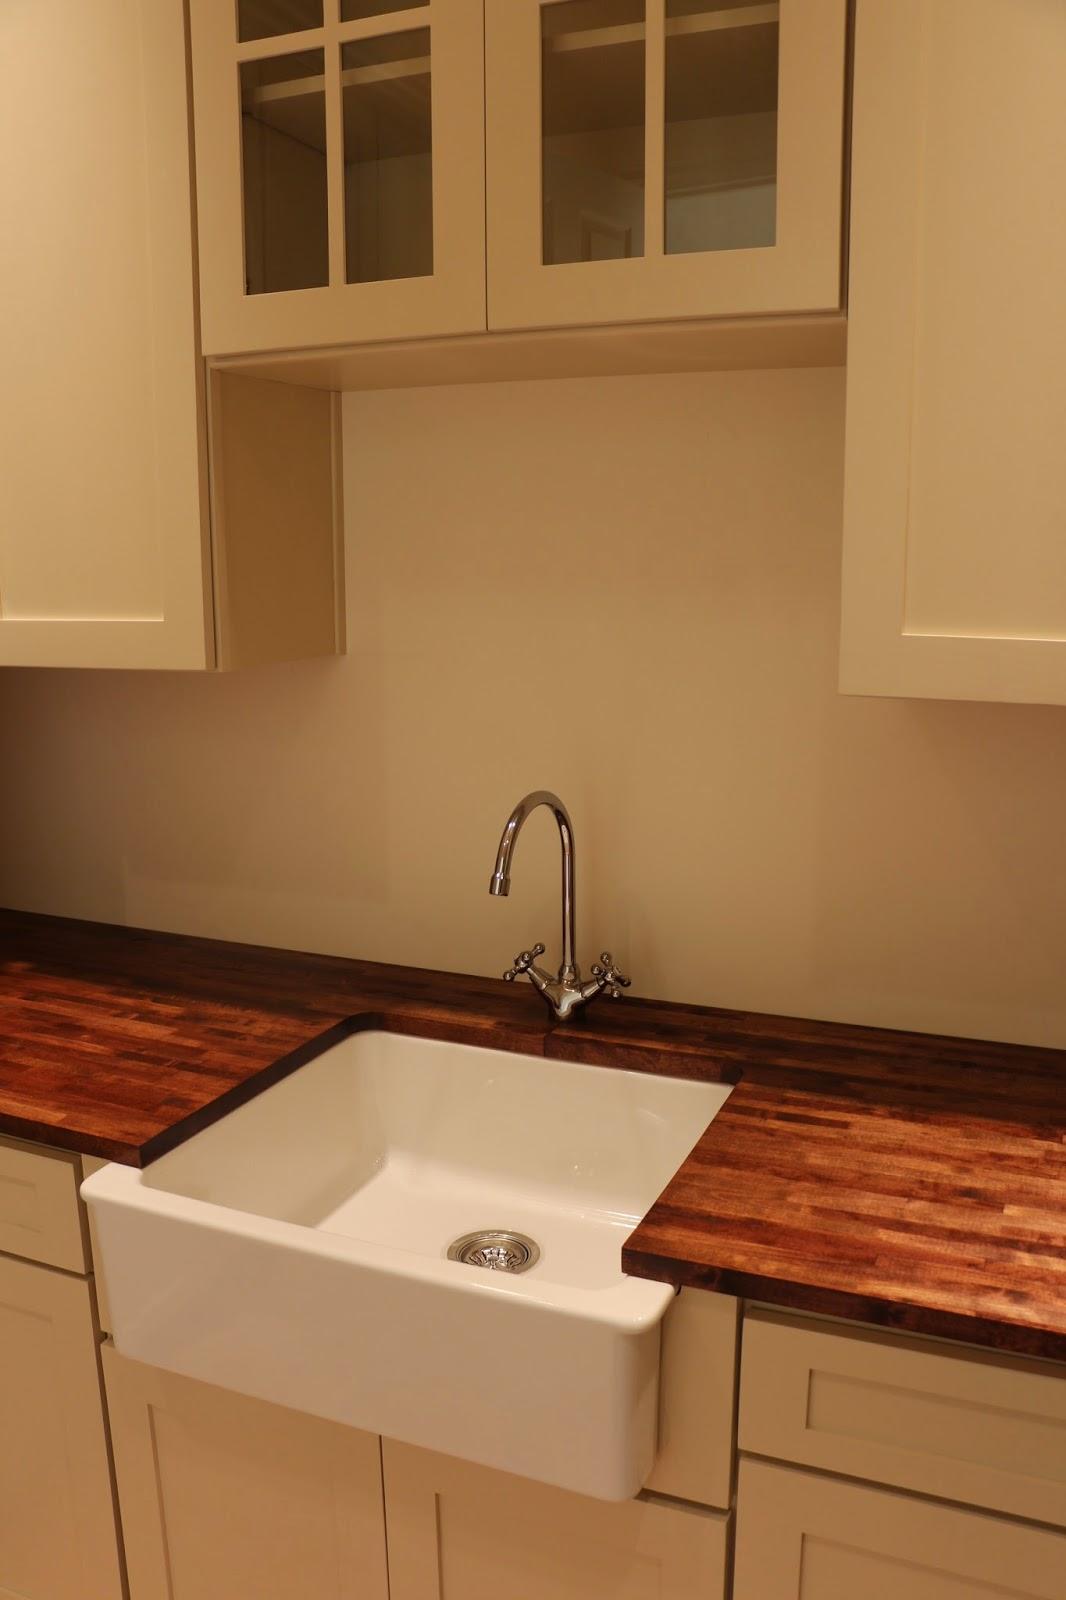 domsjo sink, farmhouse sink, wood countertops, varde countertops, ikea wood countertops